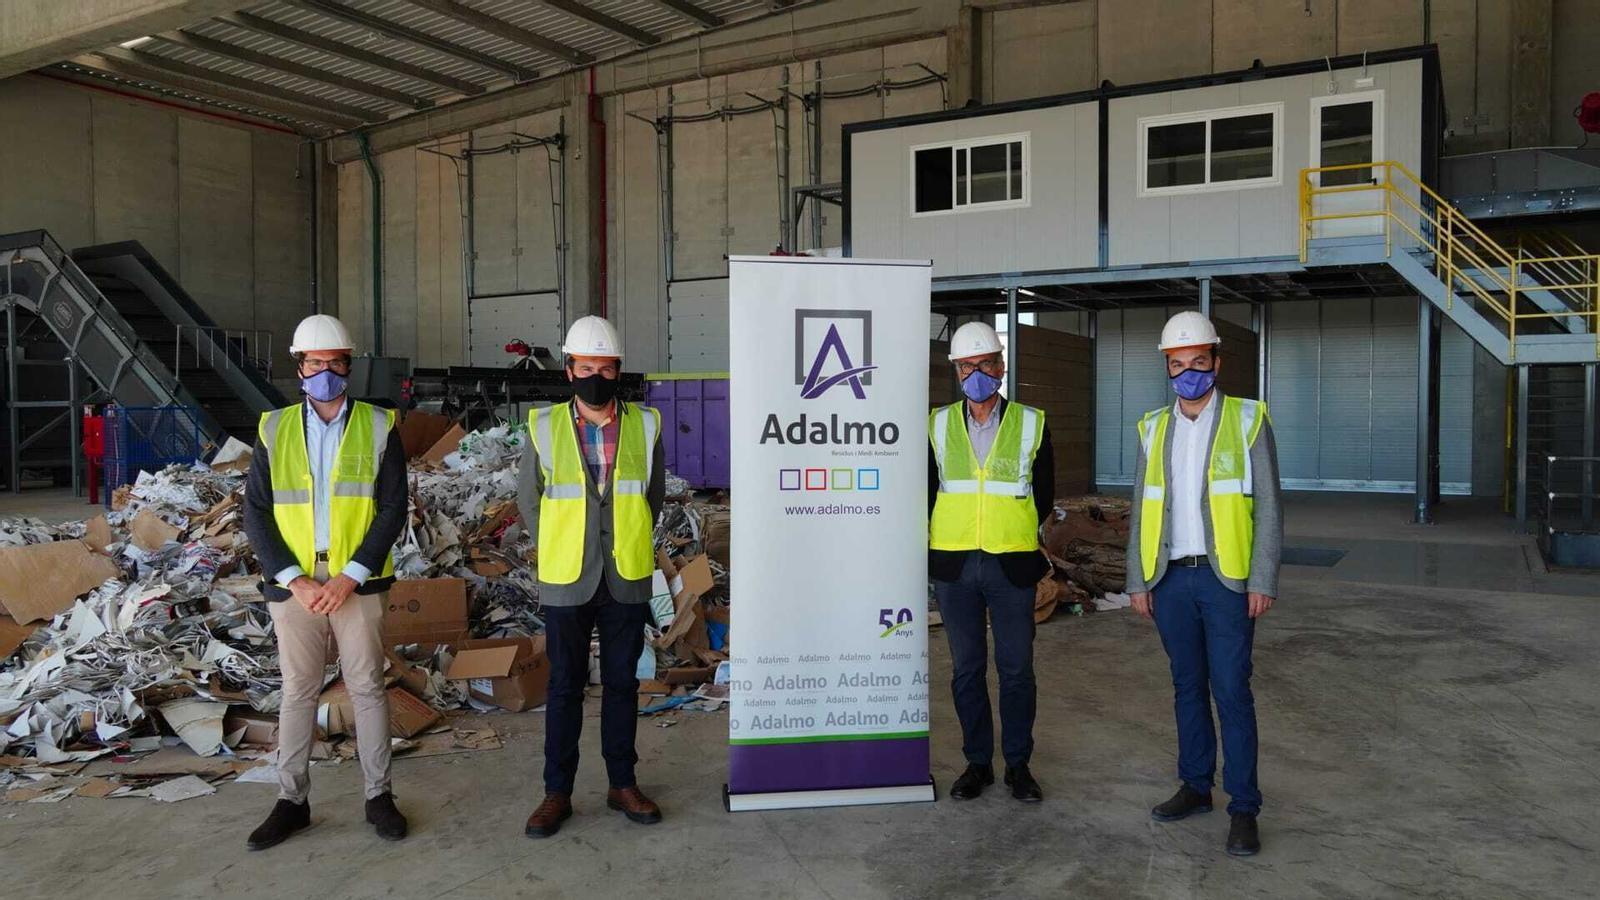 Les instal·lacions, del Grup ADALMO, comptaran amb una plantilla inicial de 10 treballadors.